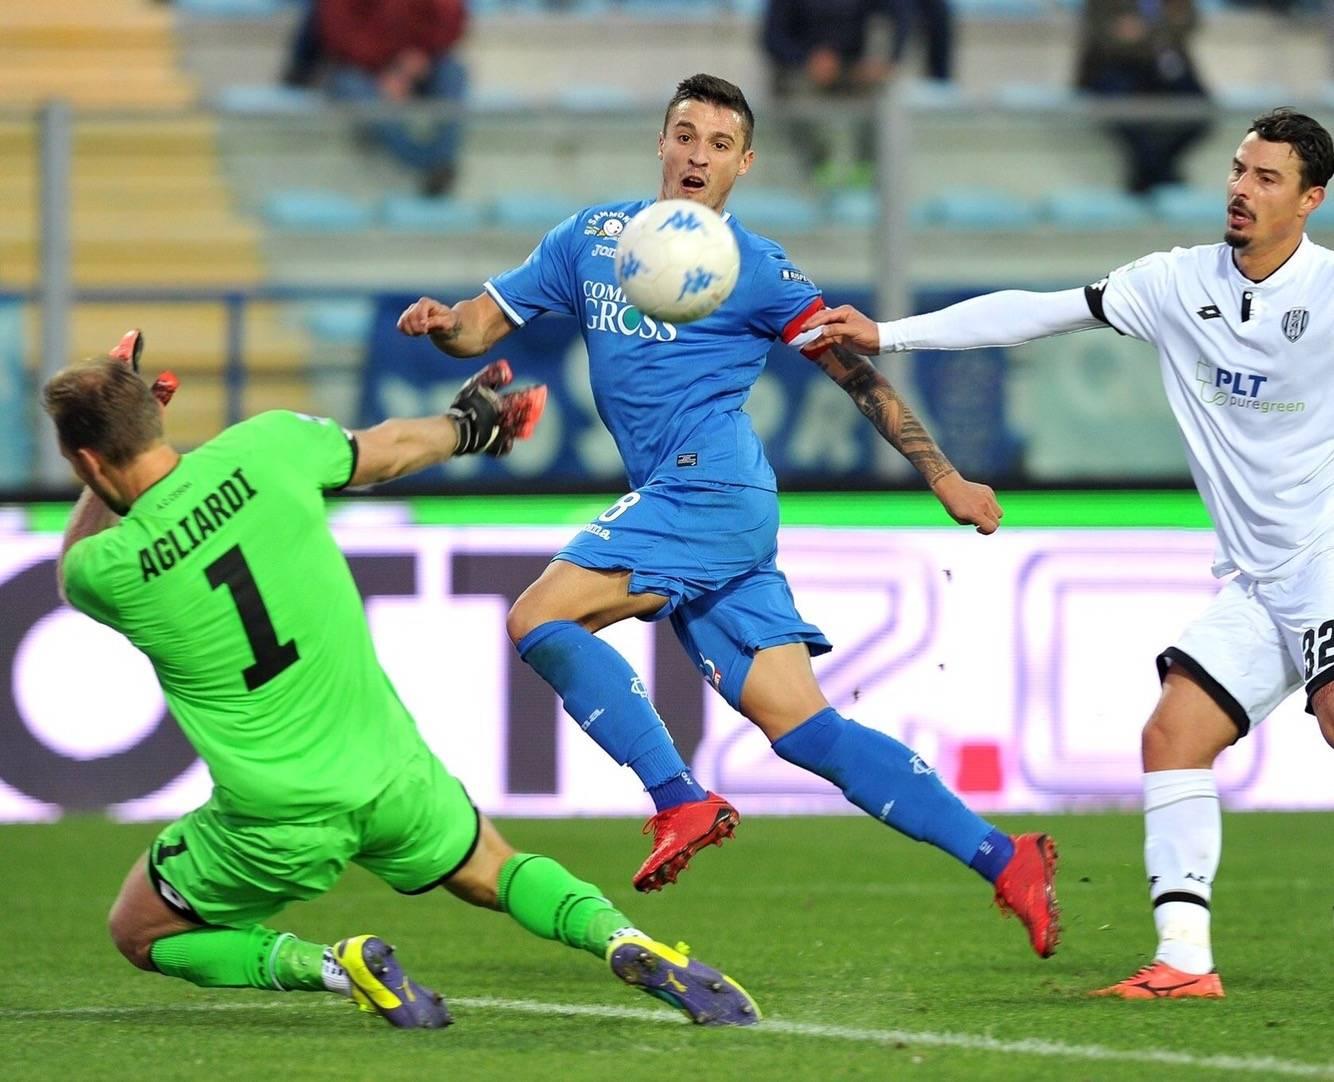 Perugia-Carpi 5-0, il tabellino Cinquina Perugia, Carpi inesistente